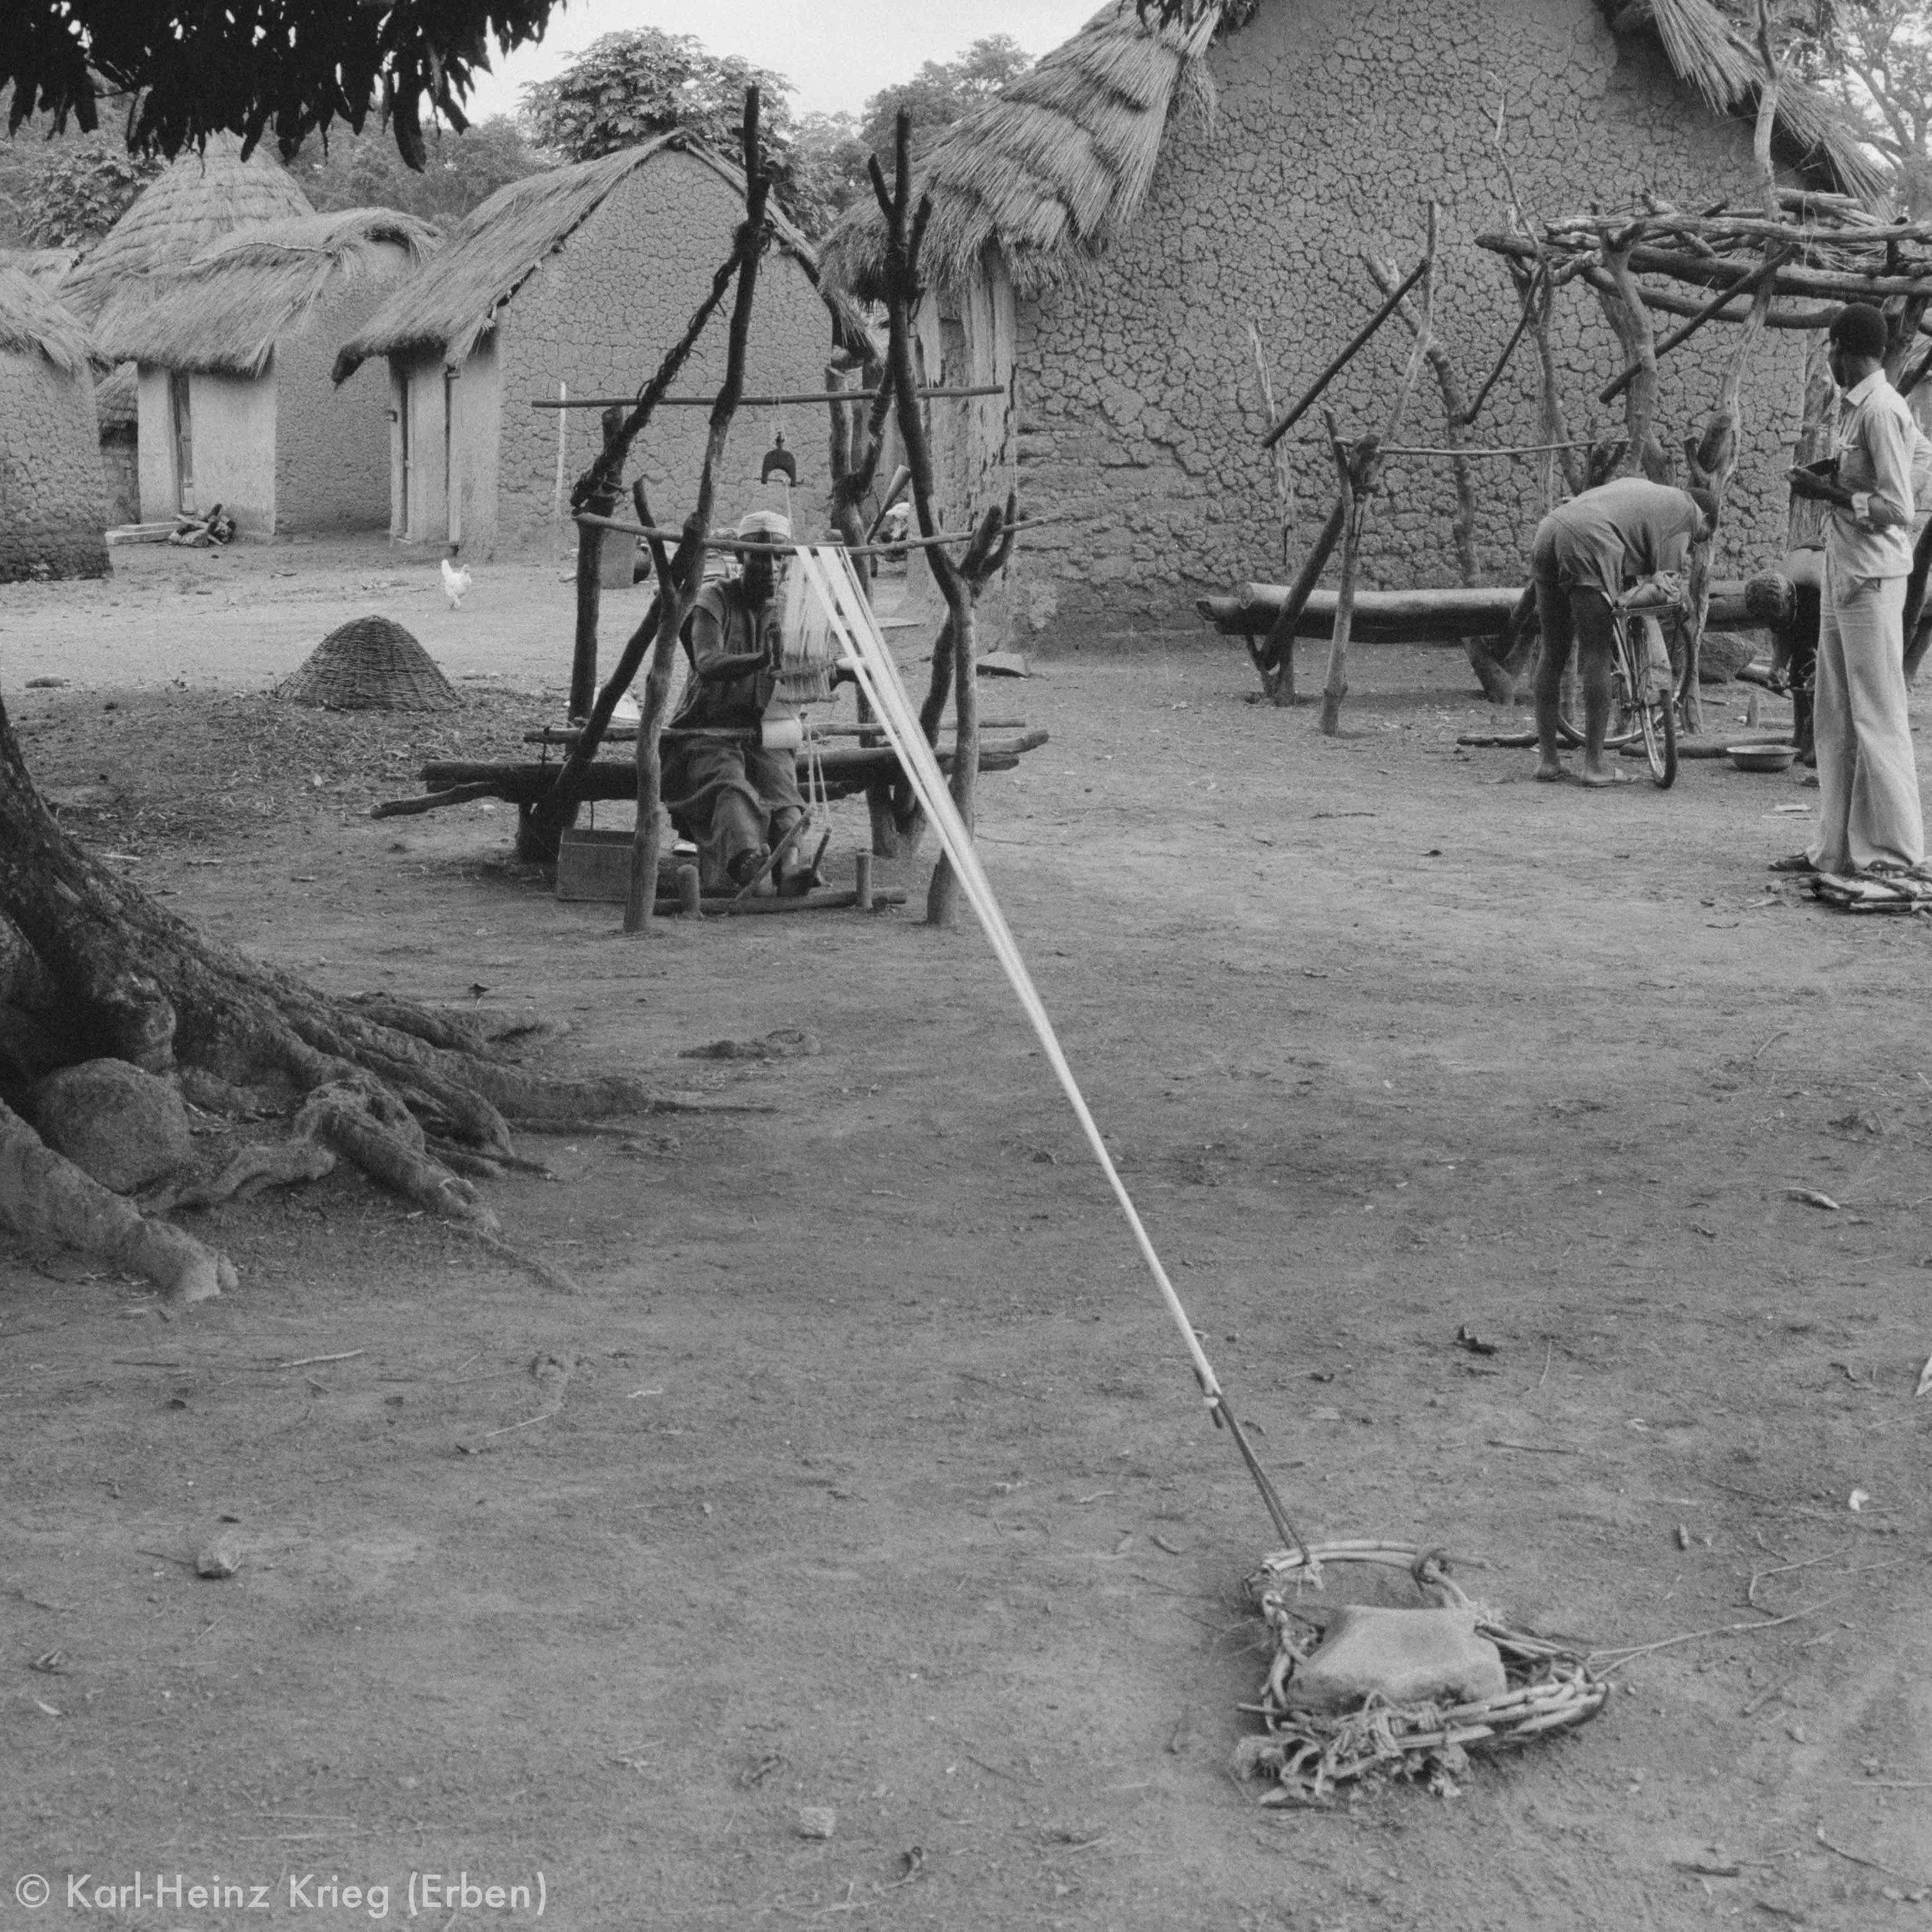 Senufo-Webstuhl. Foto: Karl-Heinz Krieg, Ponokaha (Region von Boundiali, Côte d'Ivoire), 1976